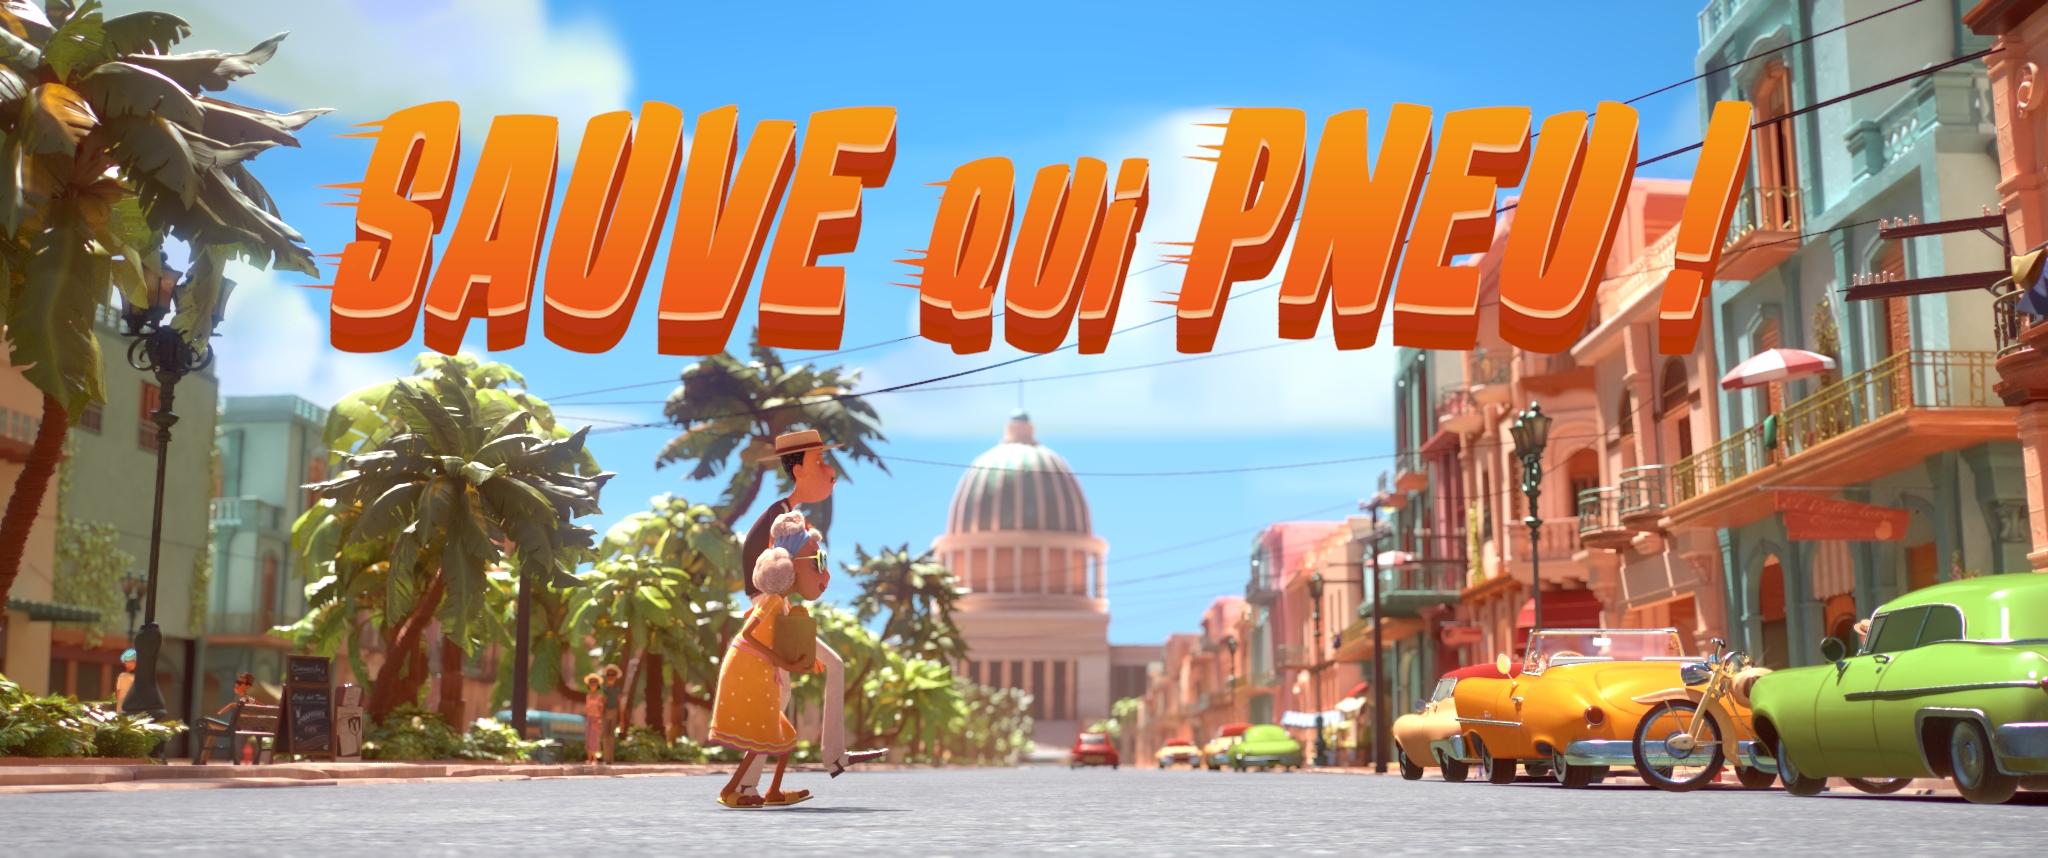 フランスのステューデントチームによるアニメーション『逃げろ!』。キューバを舞台にしたカラフルで楽しい作品。